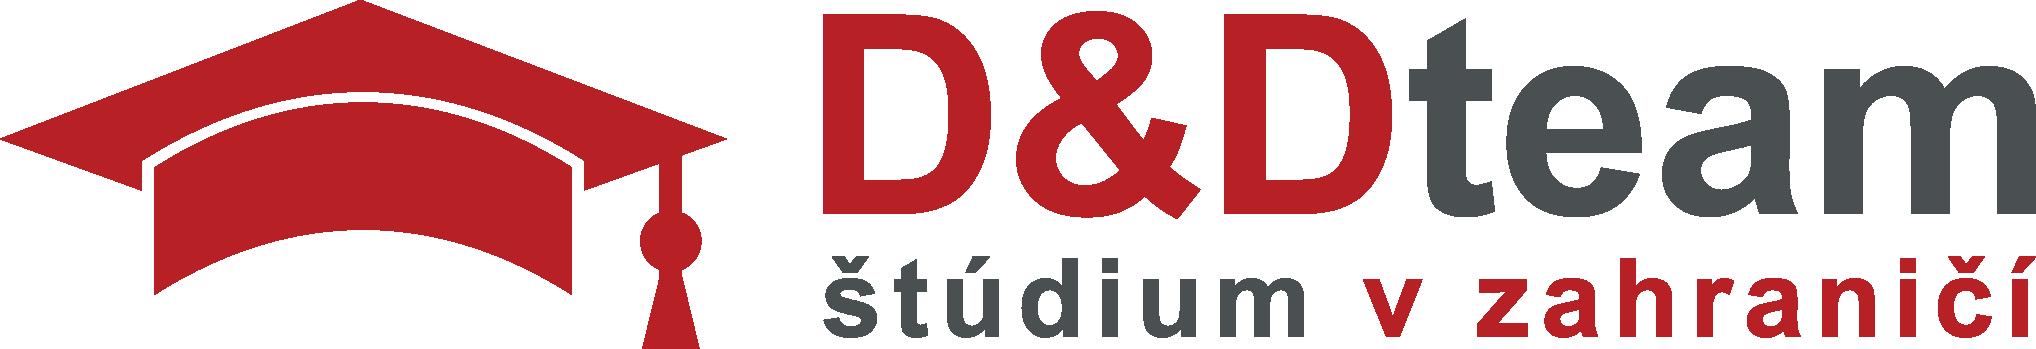 D&D Team logo